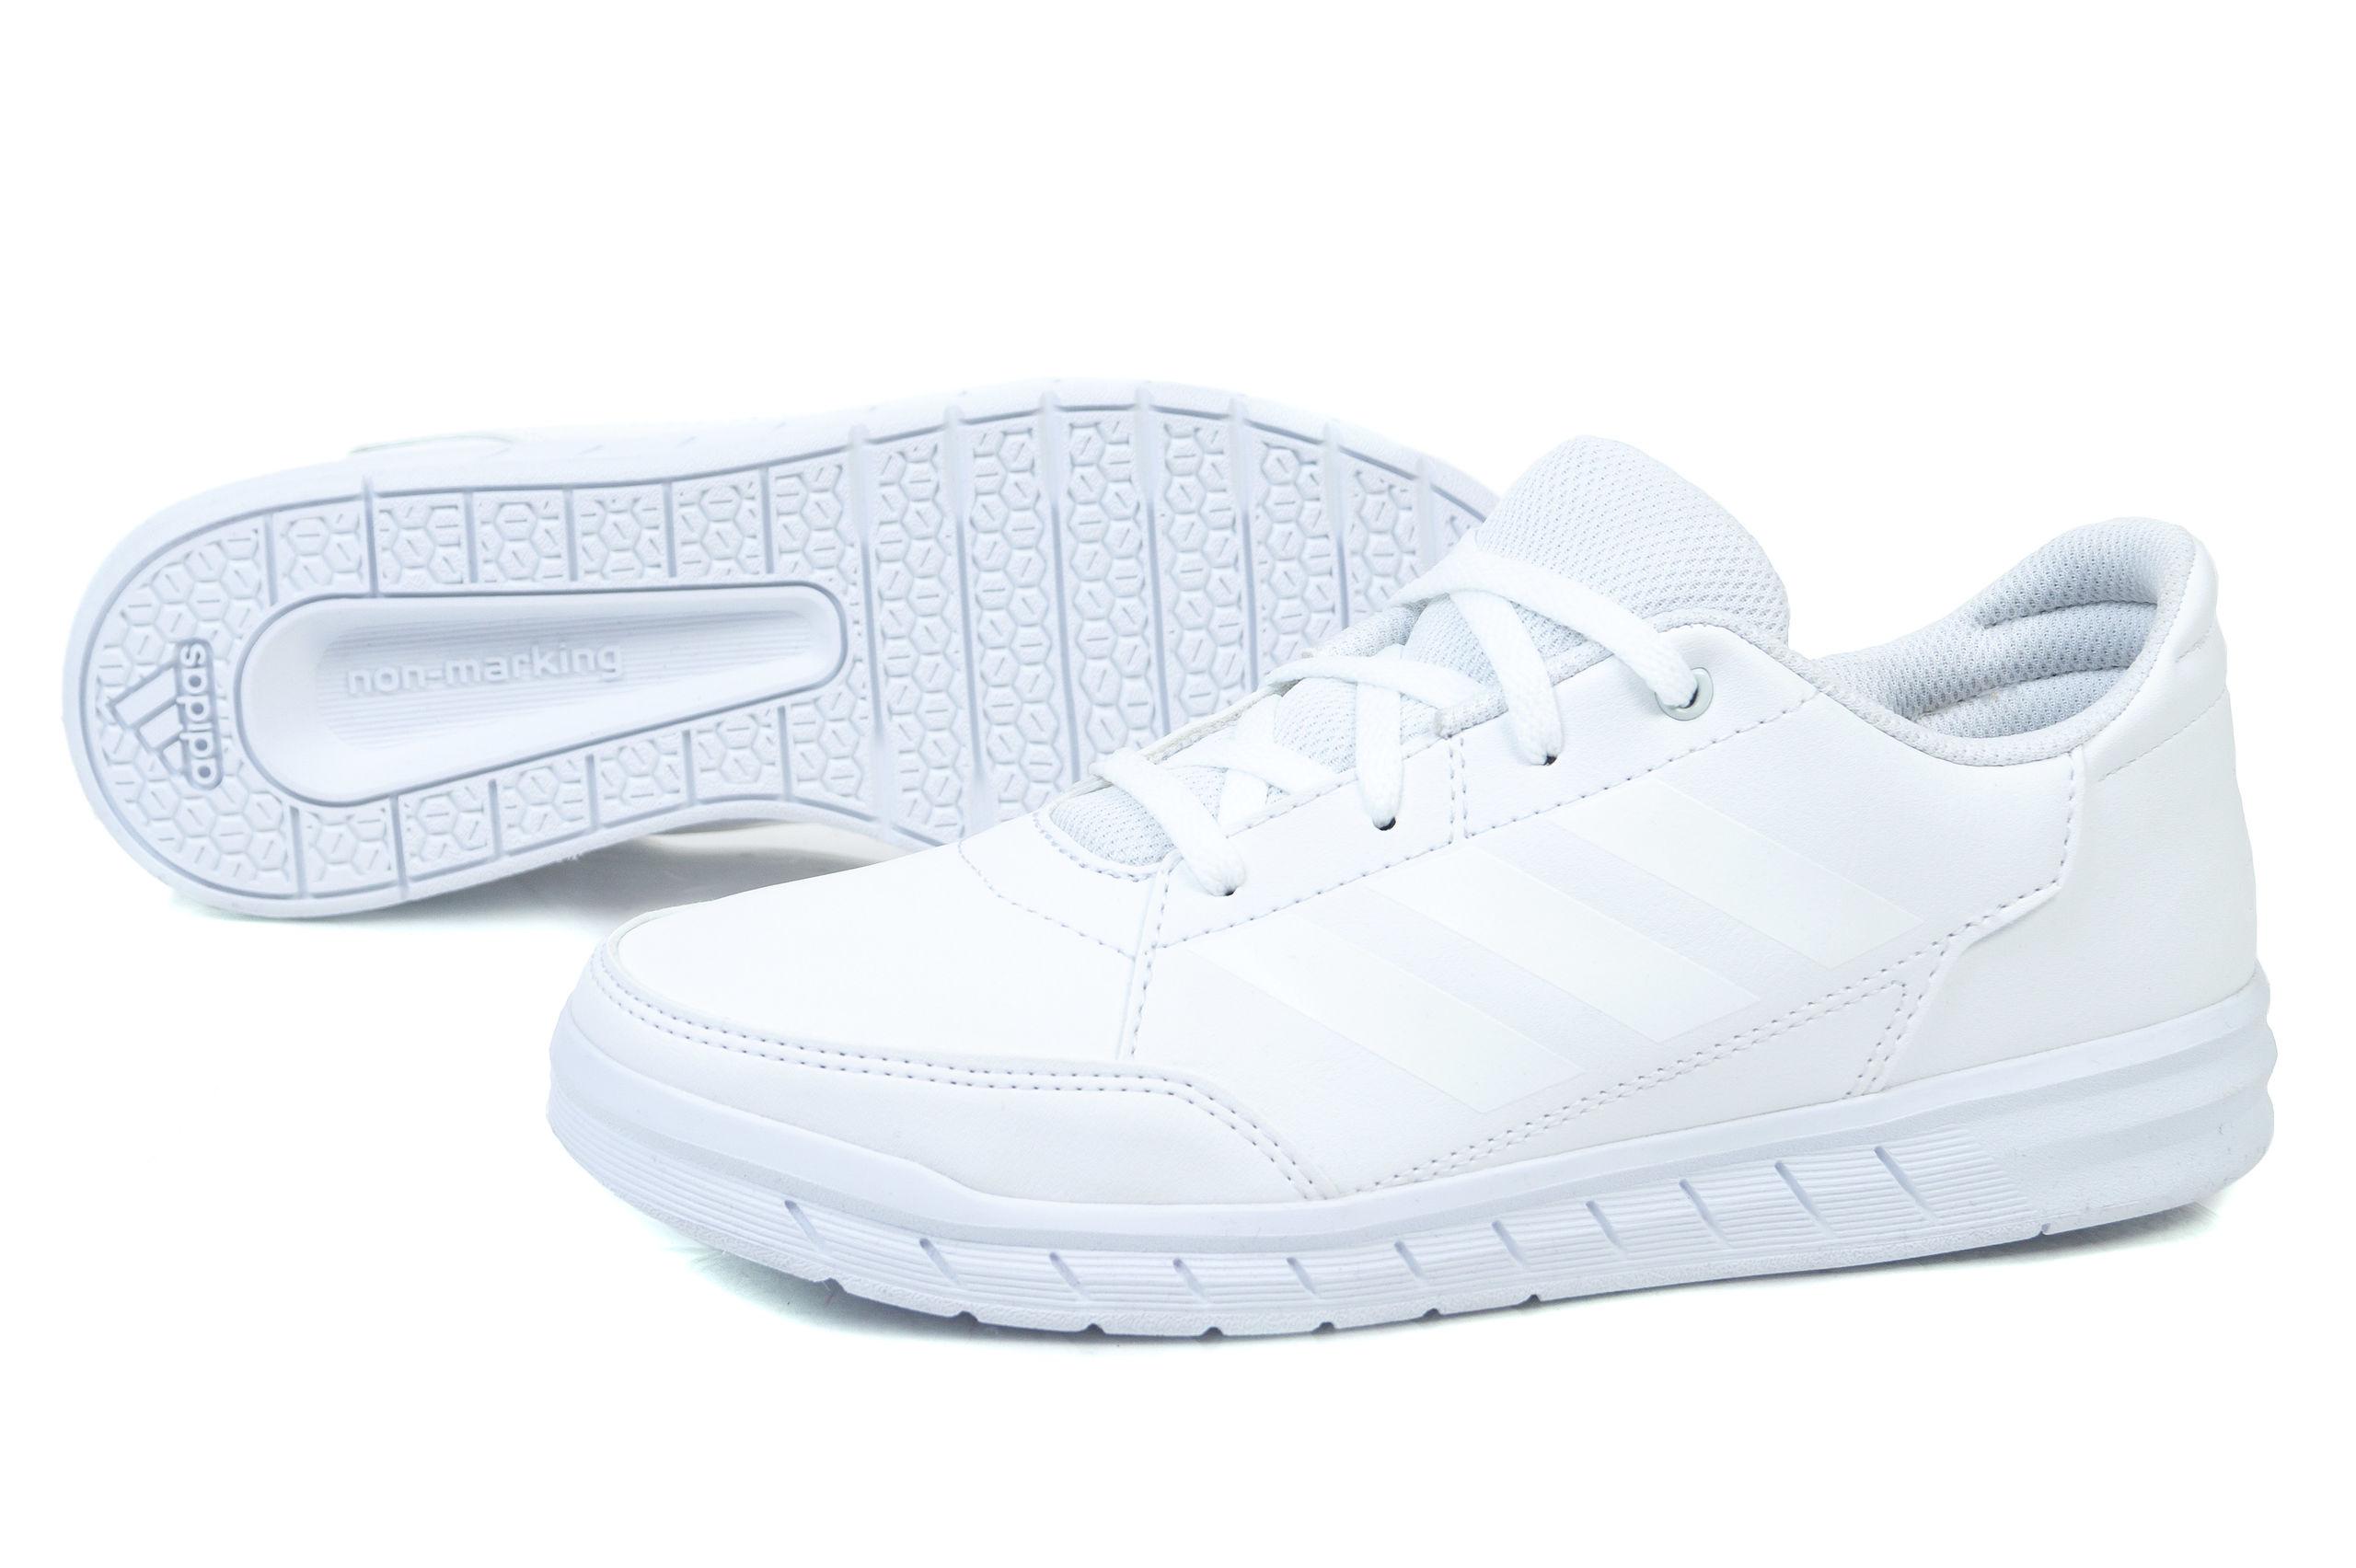 Buty adidas AltaSport D96874 BIAŁY Opinie i cena w sklepie